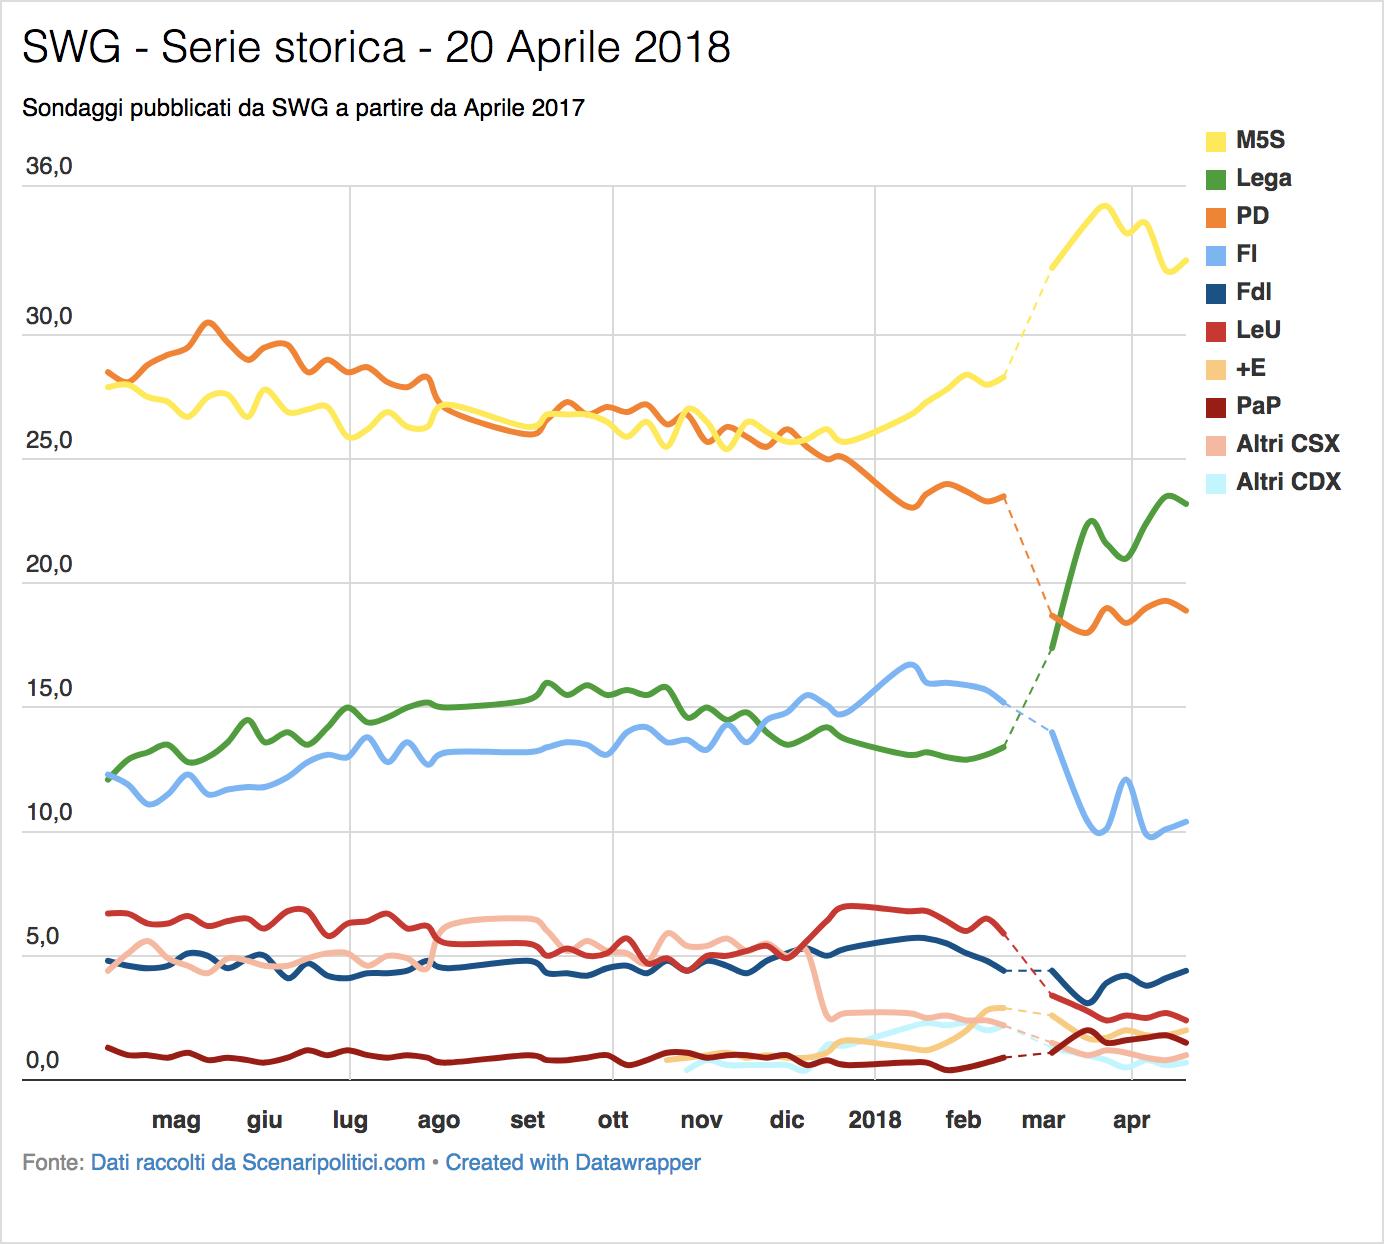 Sondaggio SWG (20 Aprile 2018)